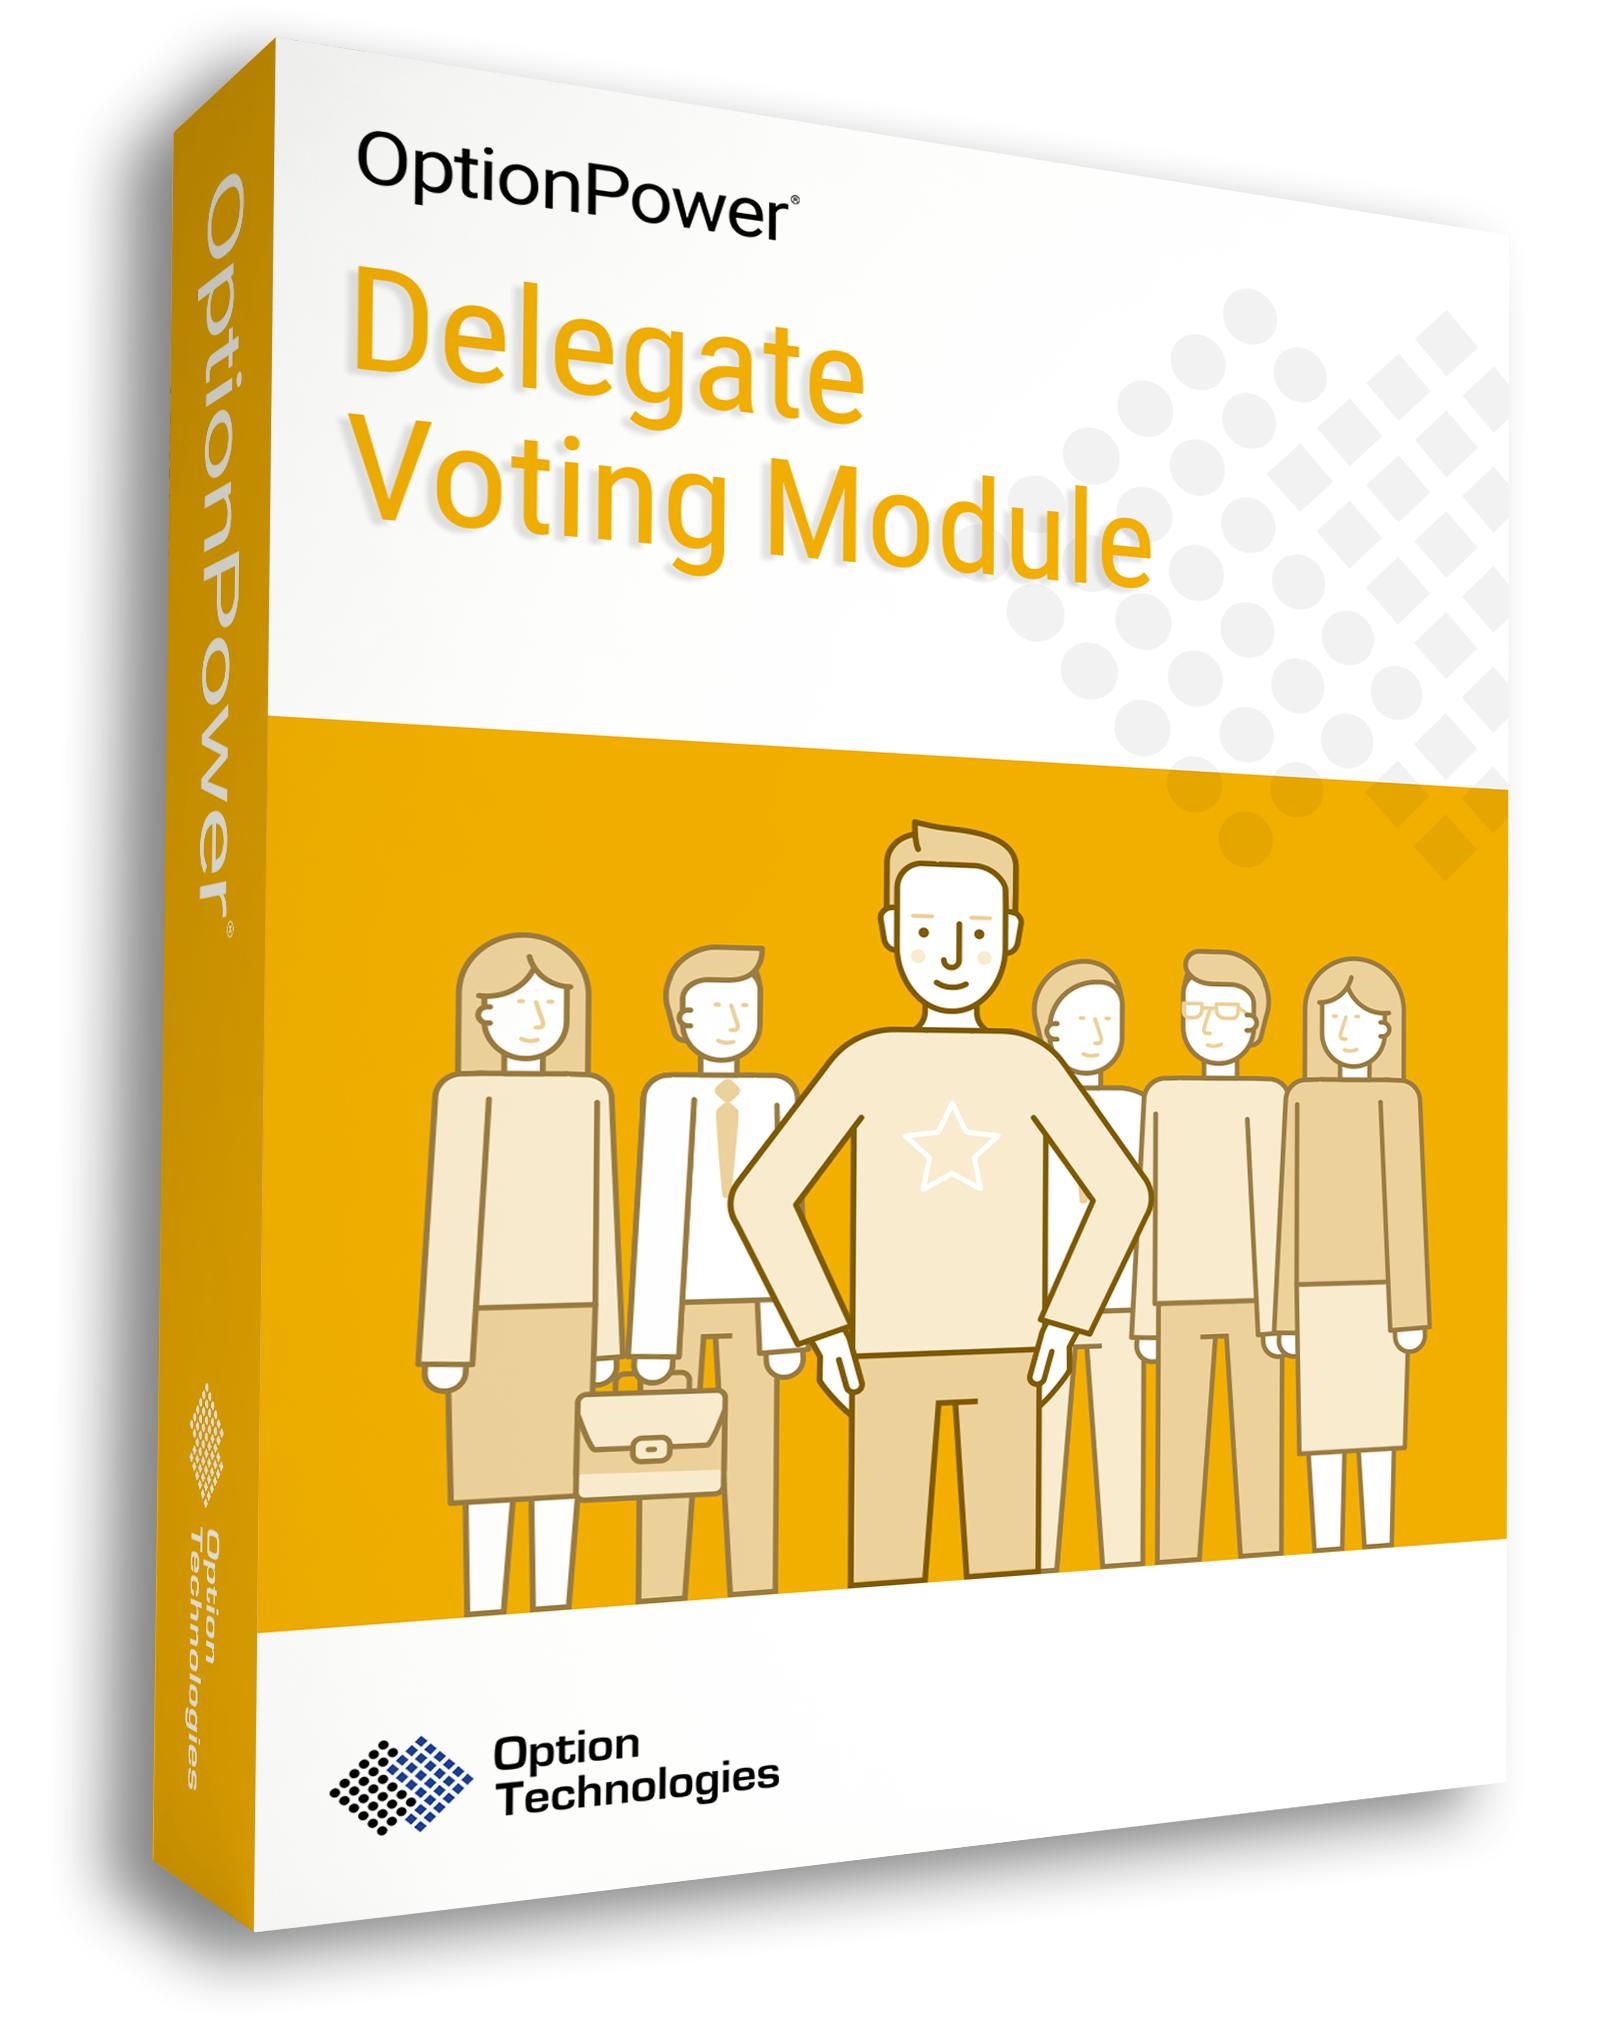 OptionPower-BoxArt-Delegate-Voting